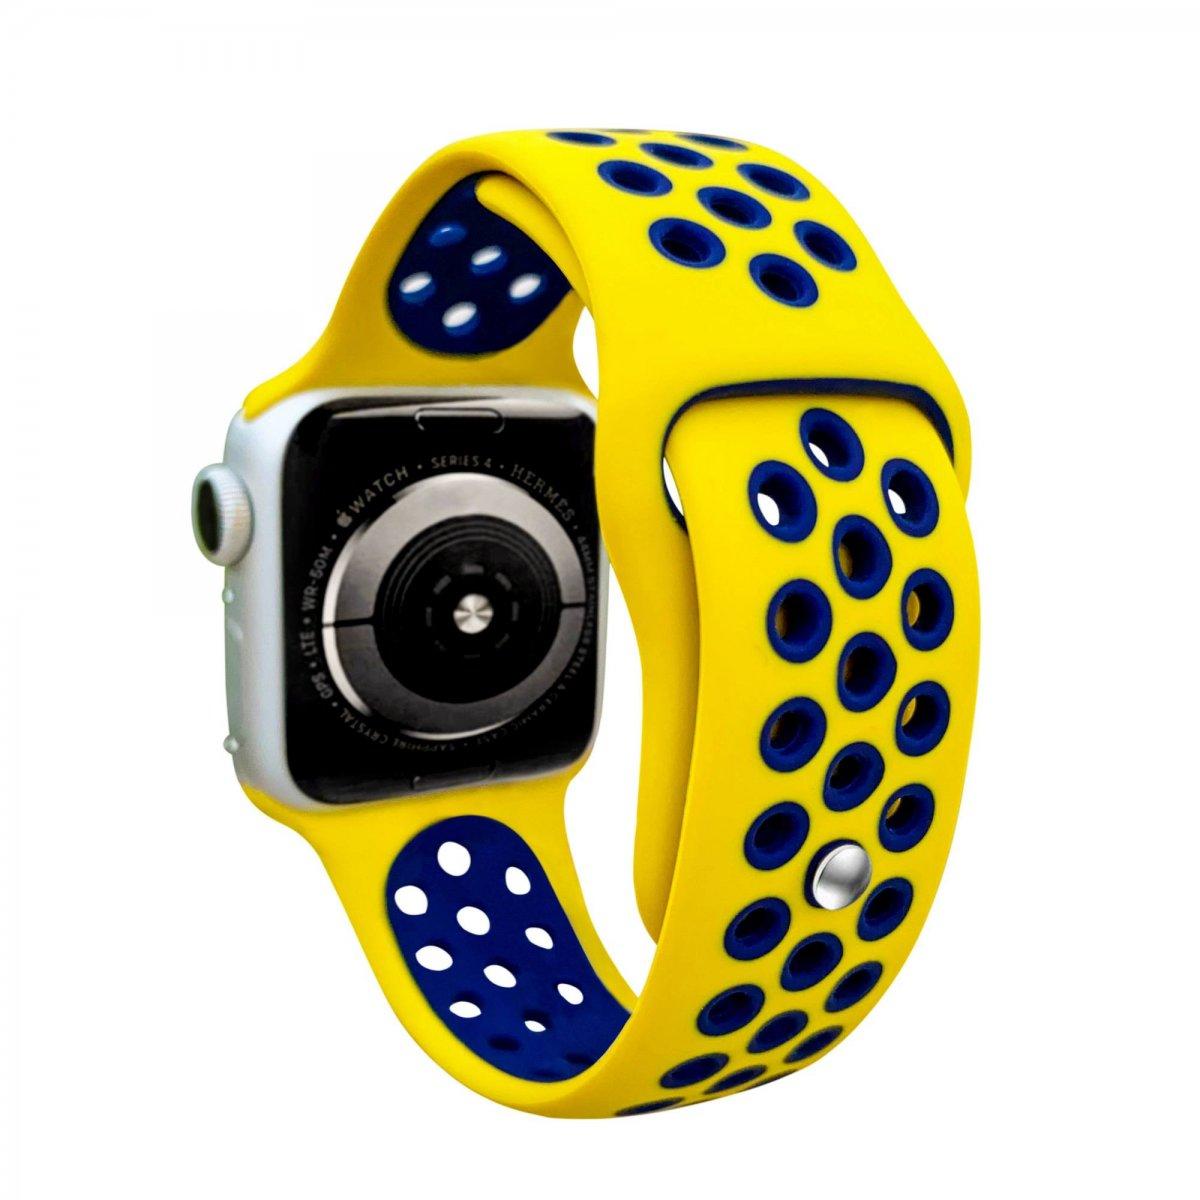 Řemínek SPORT pro Apple Watch Series 3/2/1 38mm - Žlutý/Půlnočně modrý